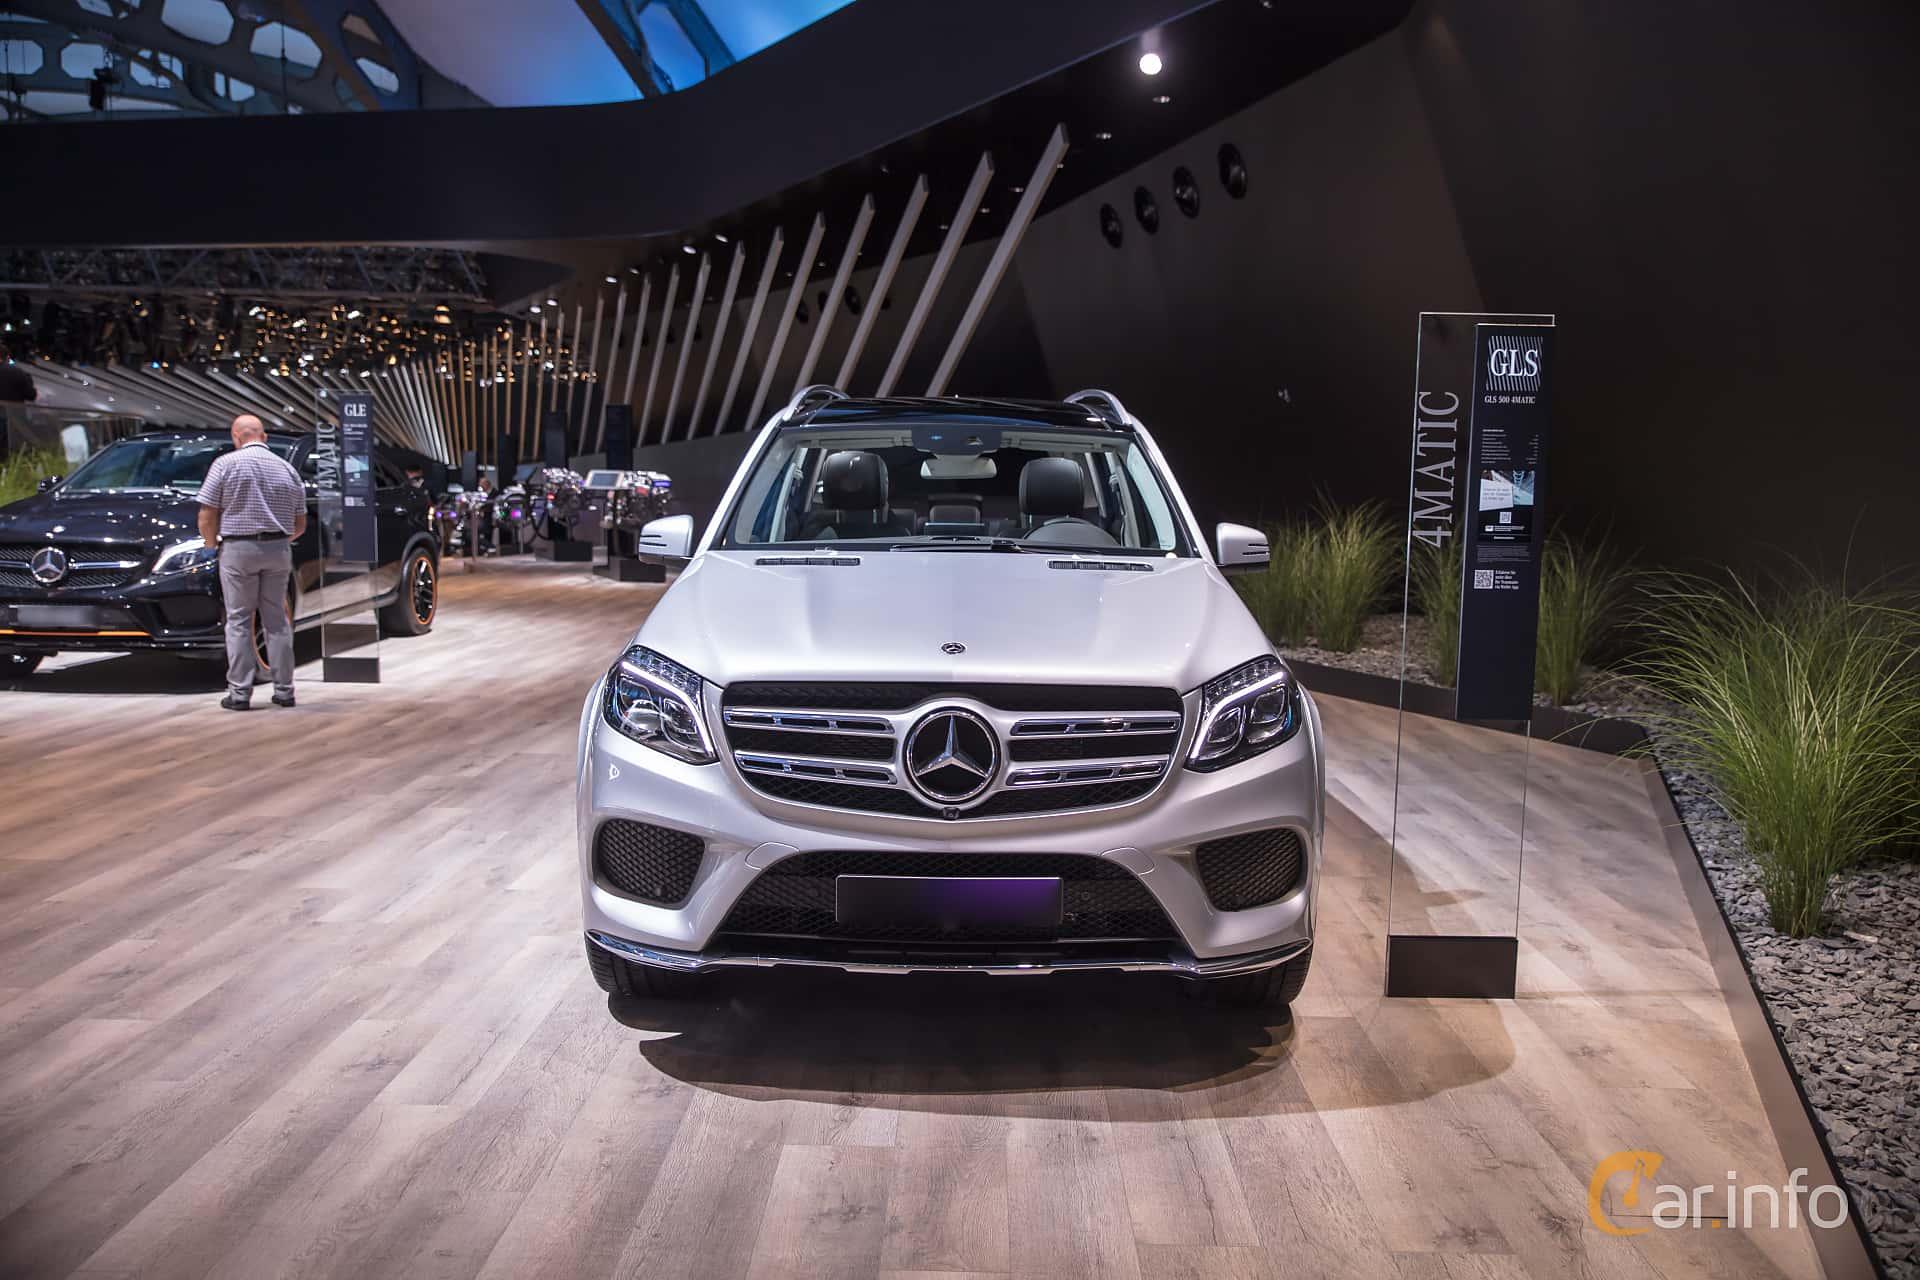 Mercedes-Benz GLS 500 4MATIC  9G-Tronic, 455hp, 2018 at IAA 2017